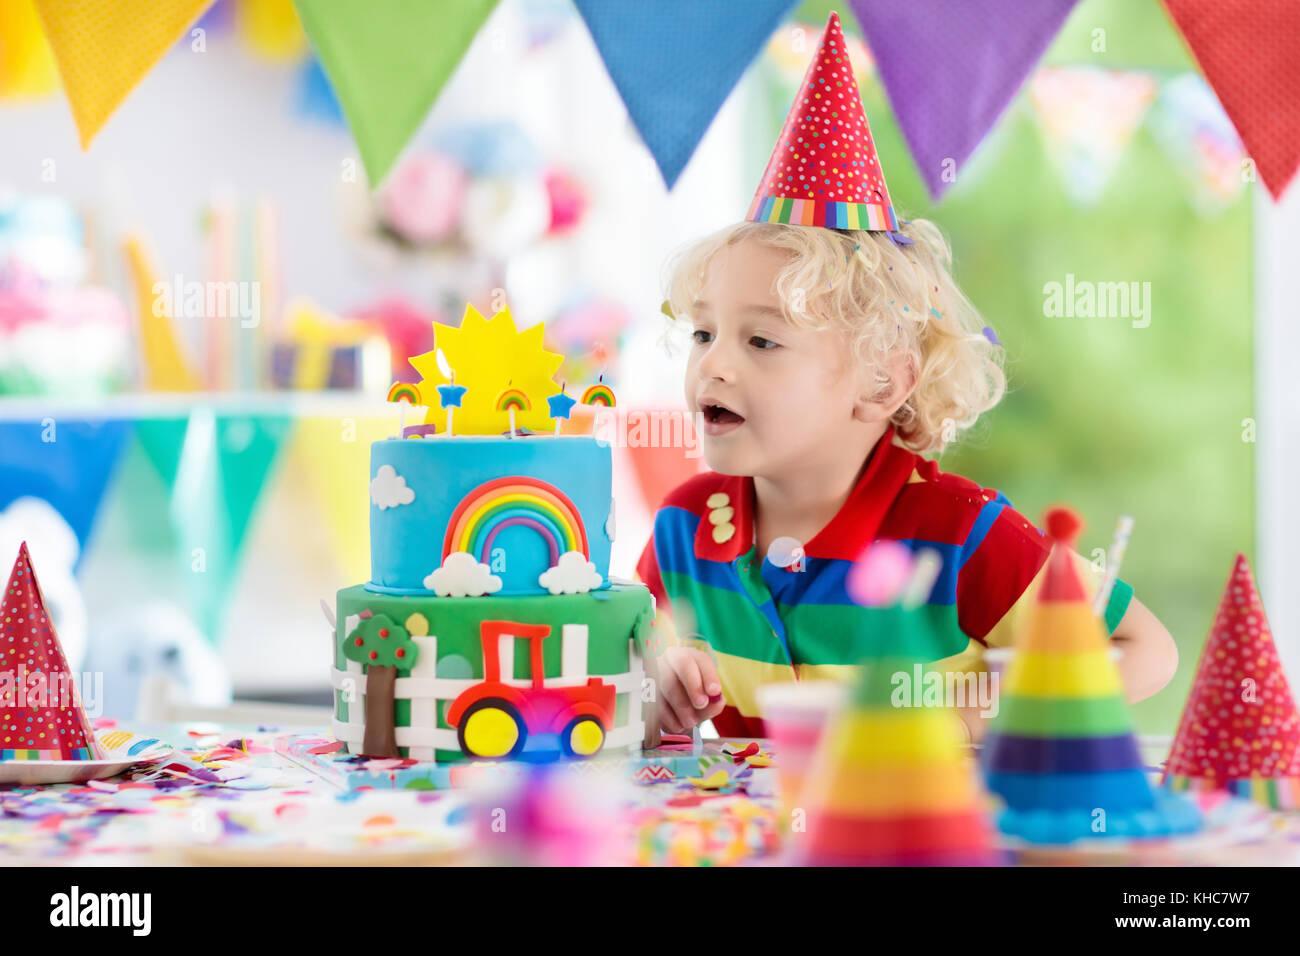 Fiesta De Cumpleanos Para Ninos Ninos Soplar Las Velas En Colores - Como-decorar-una-tarta-de-cumpleaos-para-nios